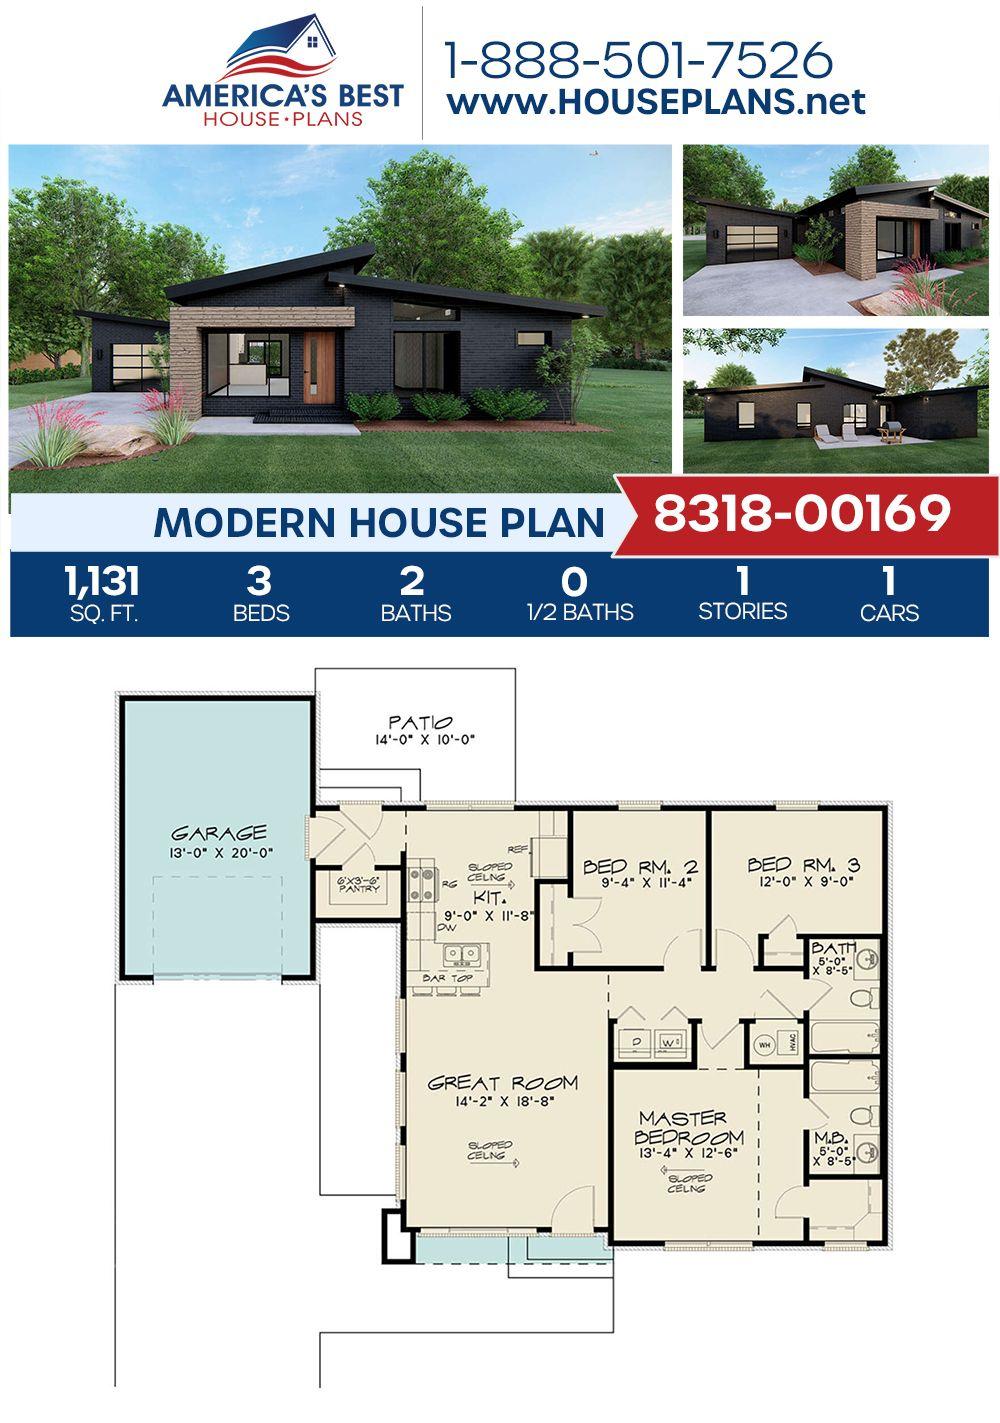 House Plan 8318 00169 Modern Plan 1 131 Square Feet 3 Bedrooms 2 Bathrooms Modern House Plans House Plans Modern House Plan